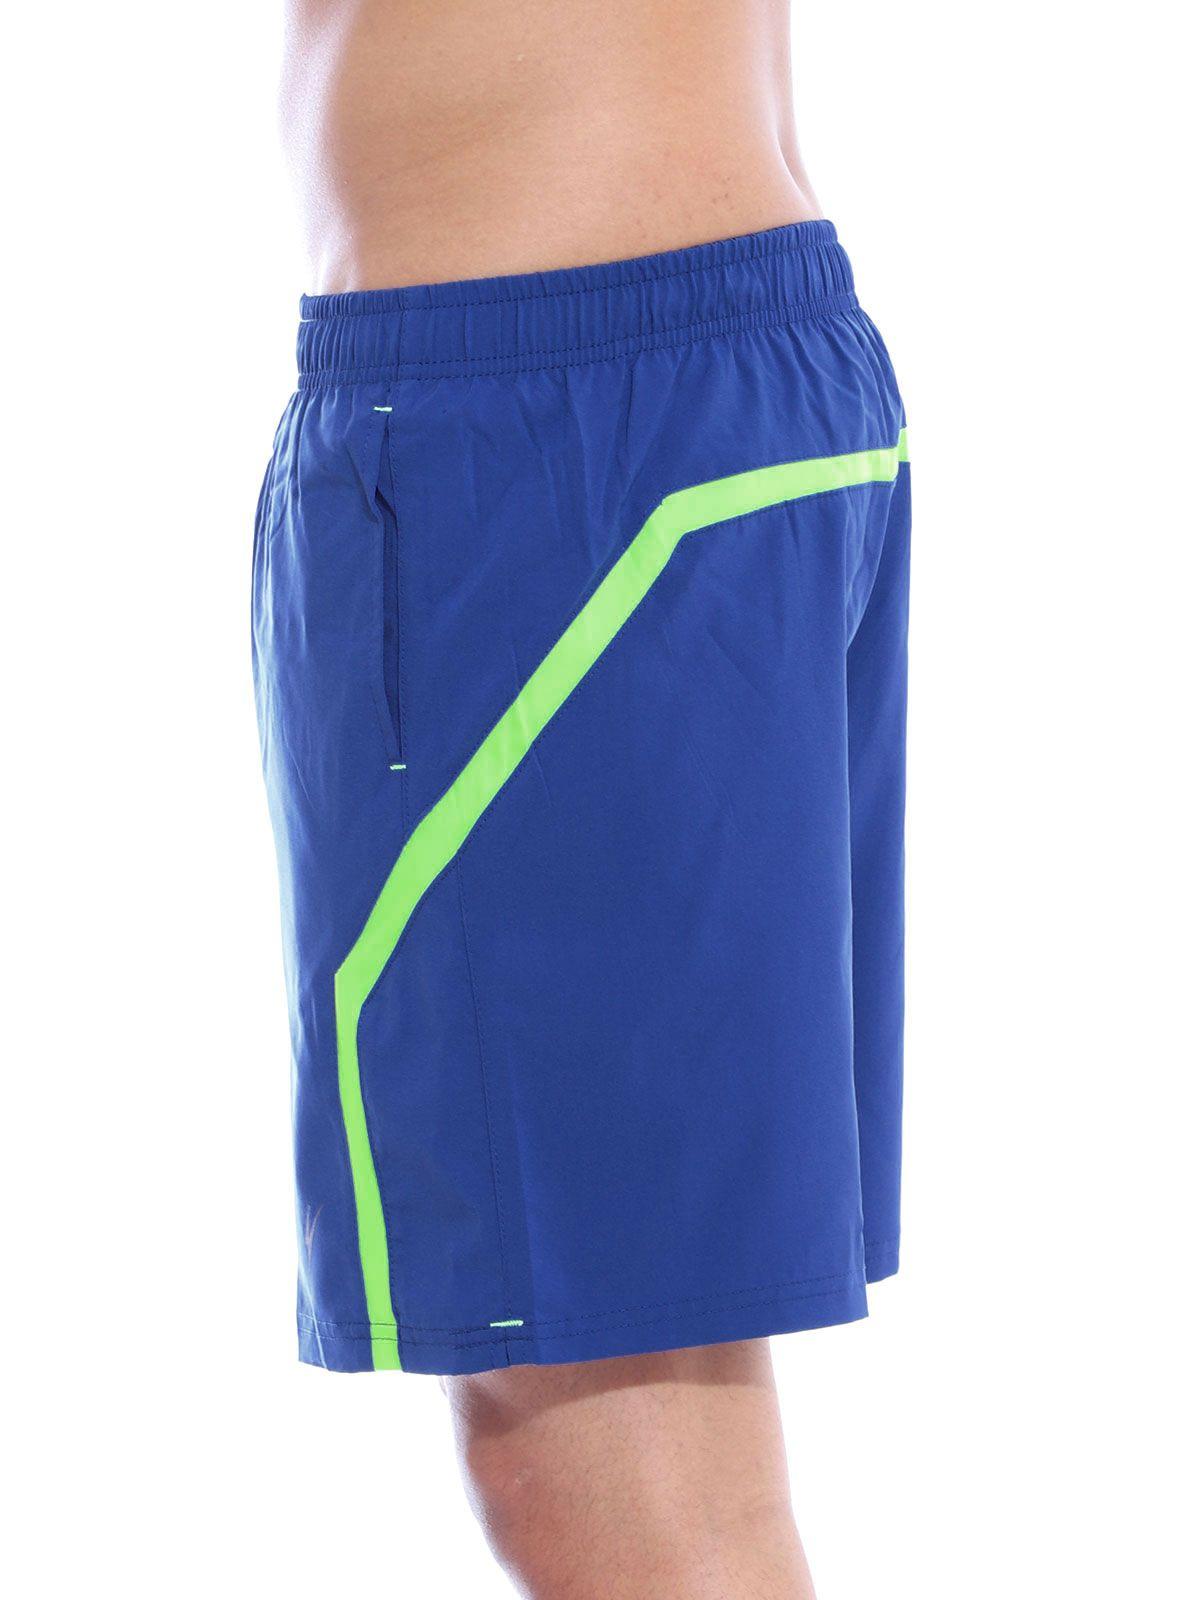 Short Fitness Anistia com Elástano Azul